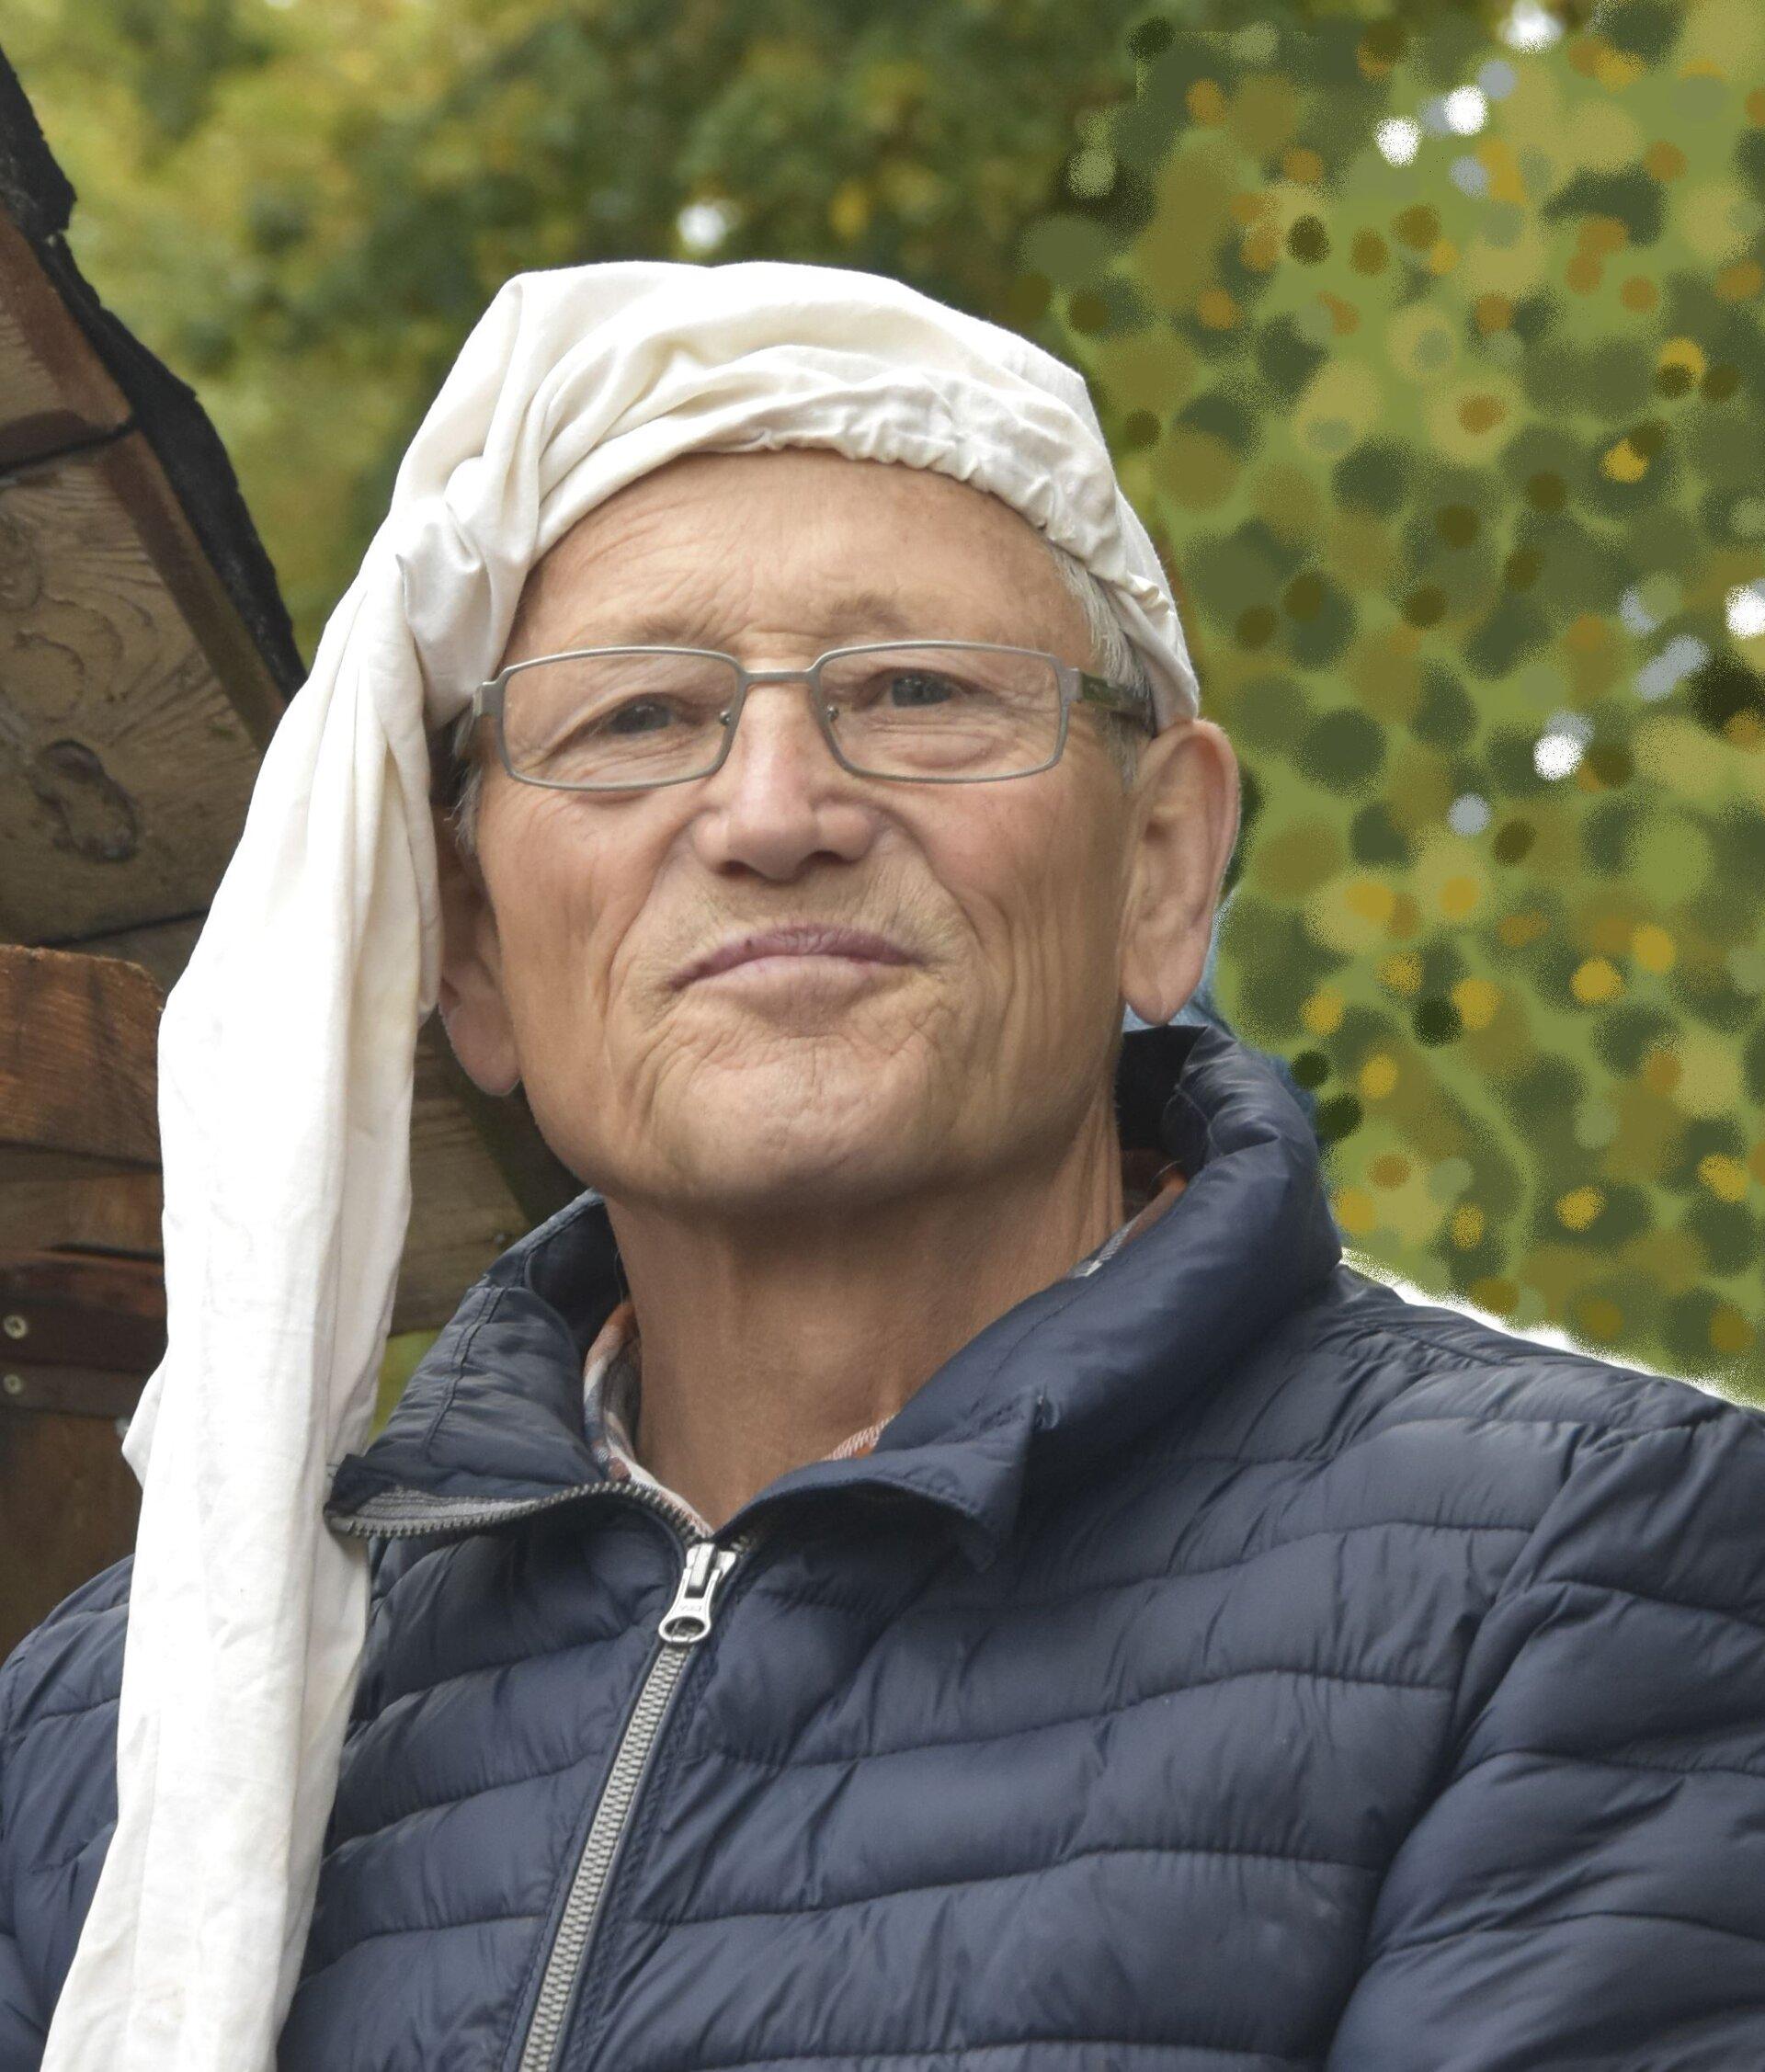 """Der """"Mühlen-Willi"""", Willi Schwetzke bei Erntefest 2019, Foto: S. Weber"""